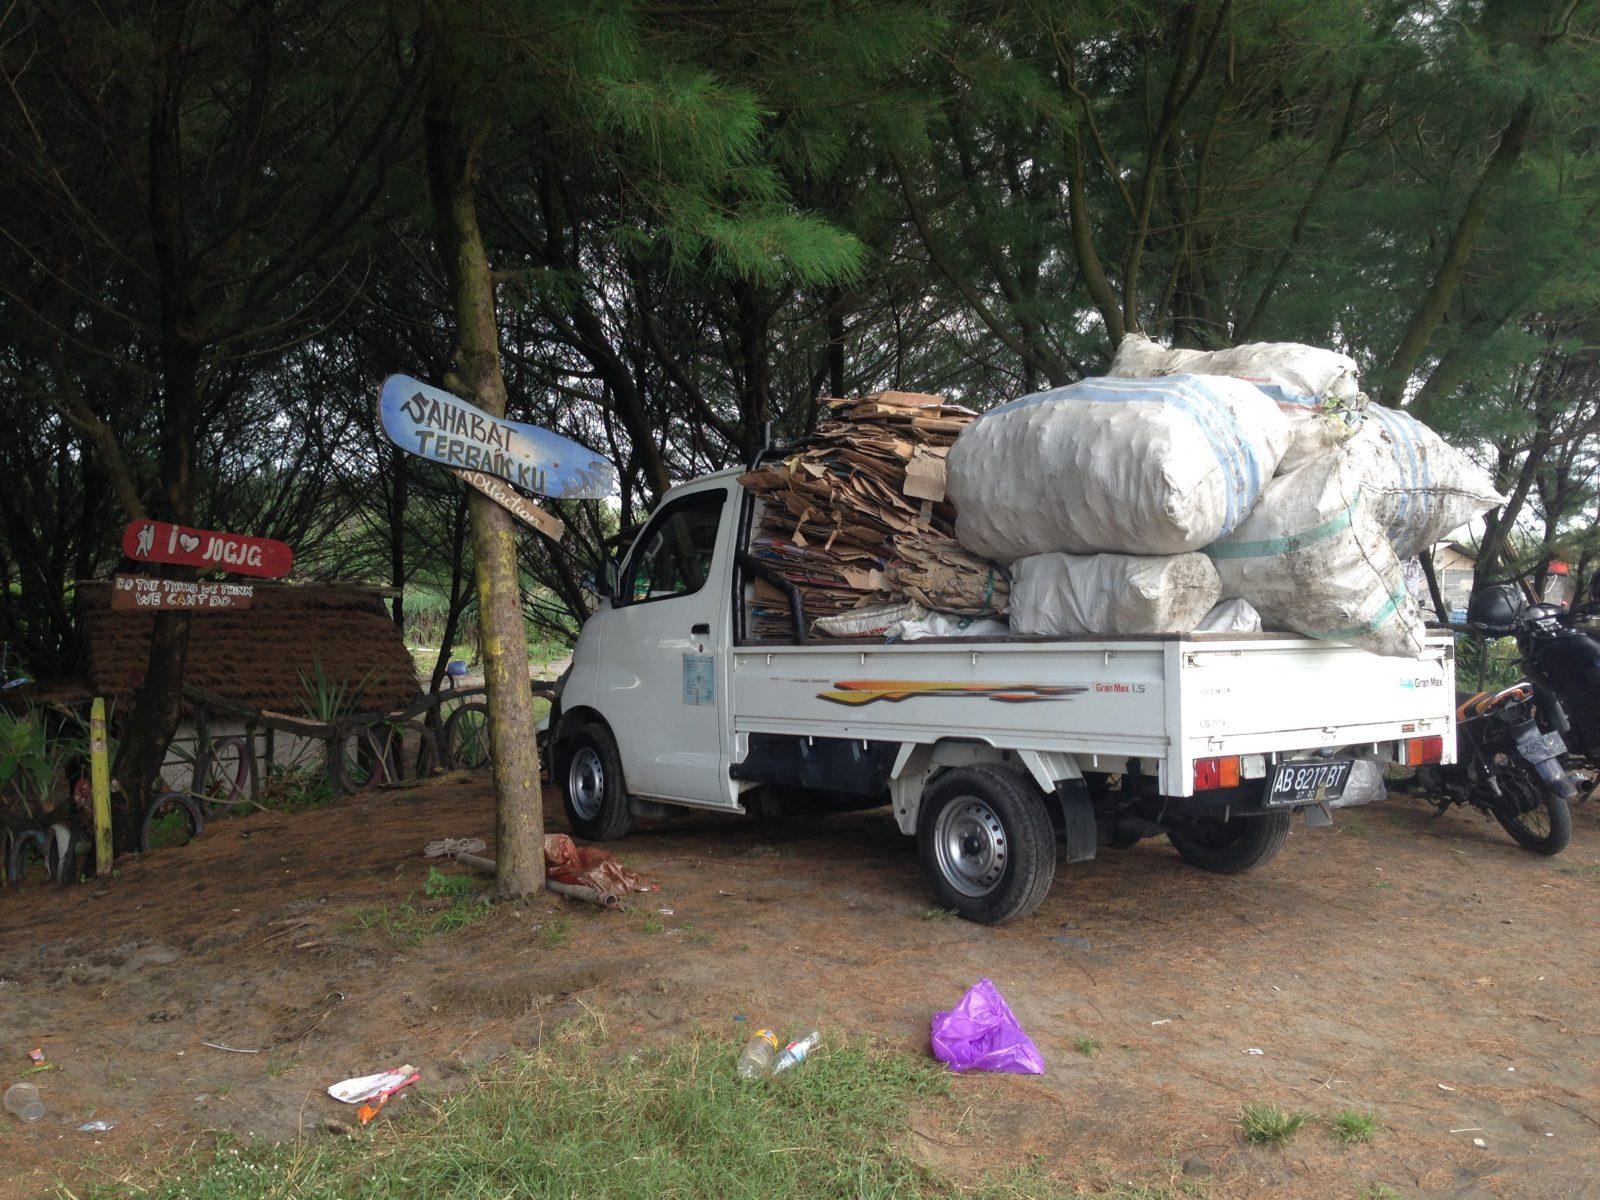 Truck, der den Abfall zum Müllunternehmer bringt © Lena Keller-Bischoff